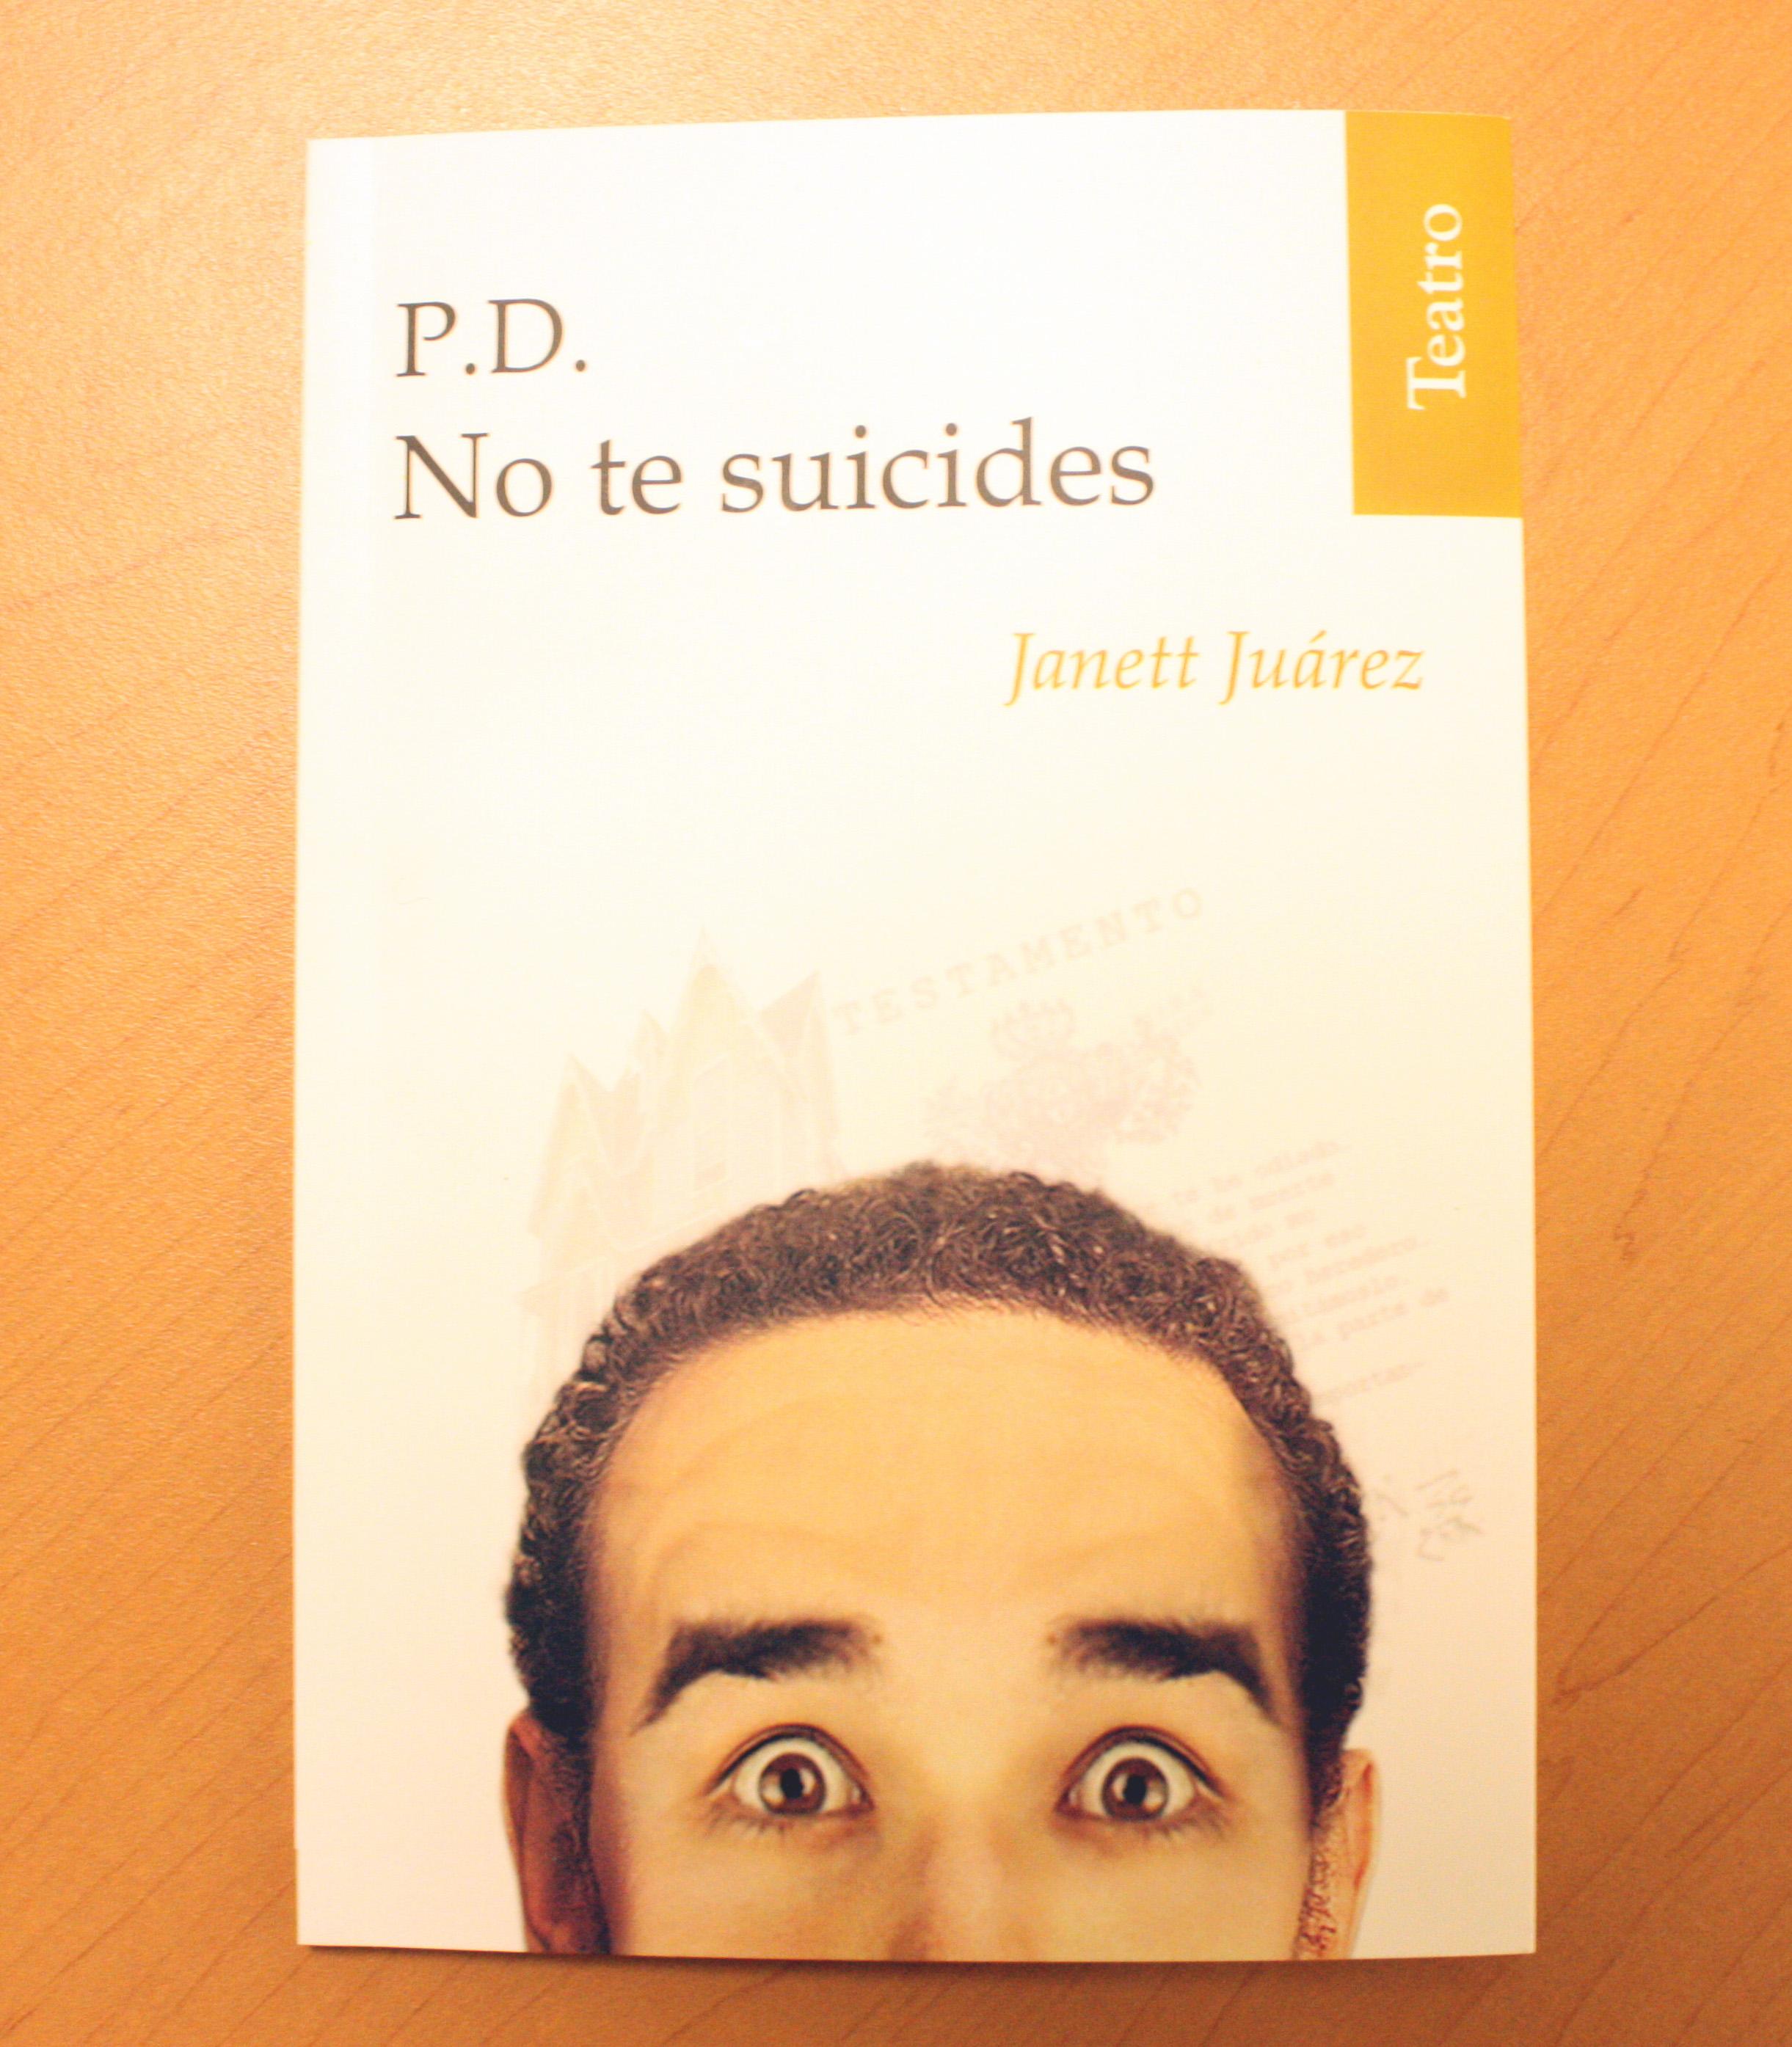 P.D. No te suicides